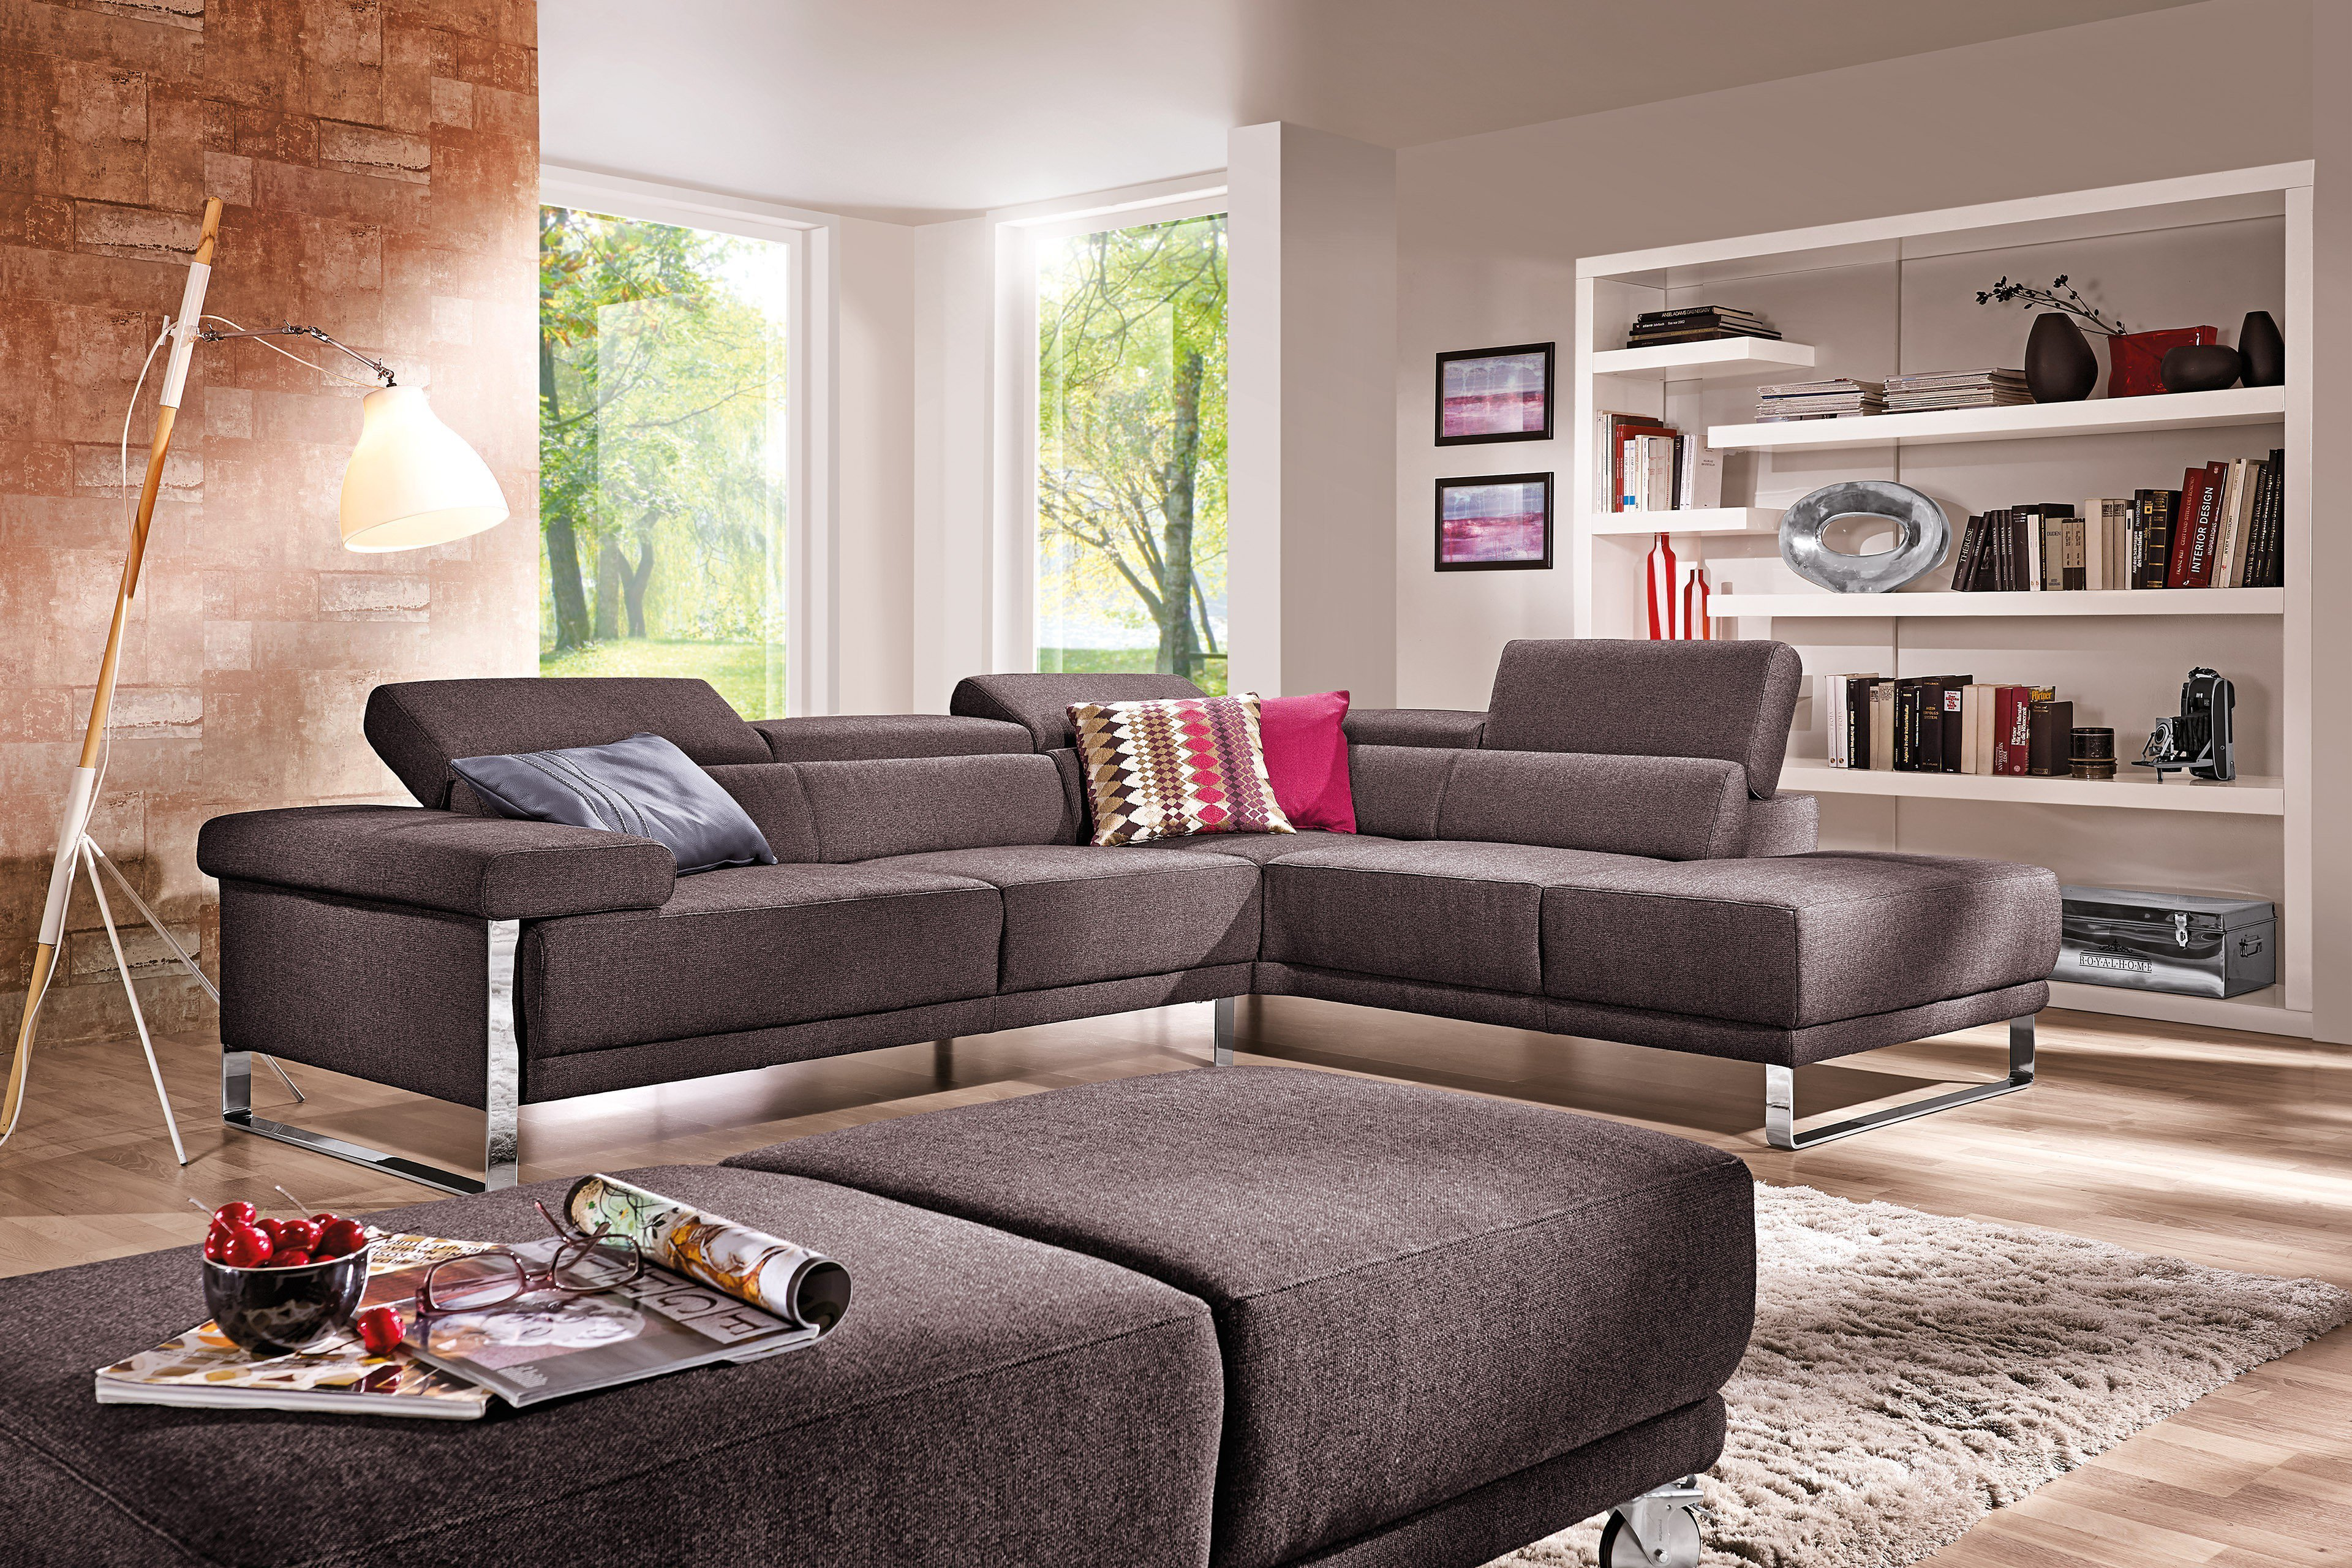 willi schillig 21151 floyd eckgarnitur braun m bel letz ihr online shop. Black Bedroom Furniture Sets. Home Design Ideas